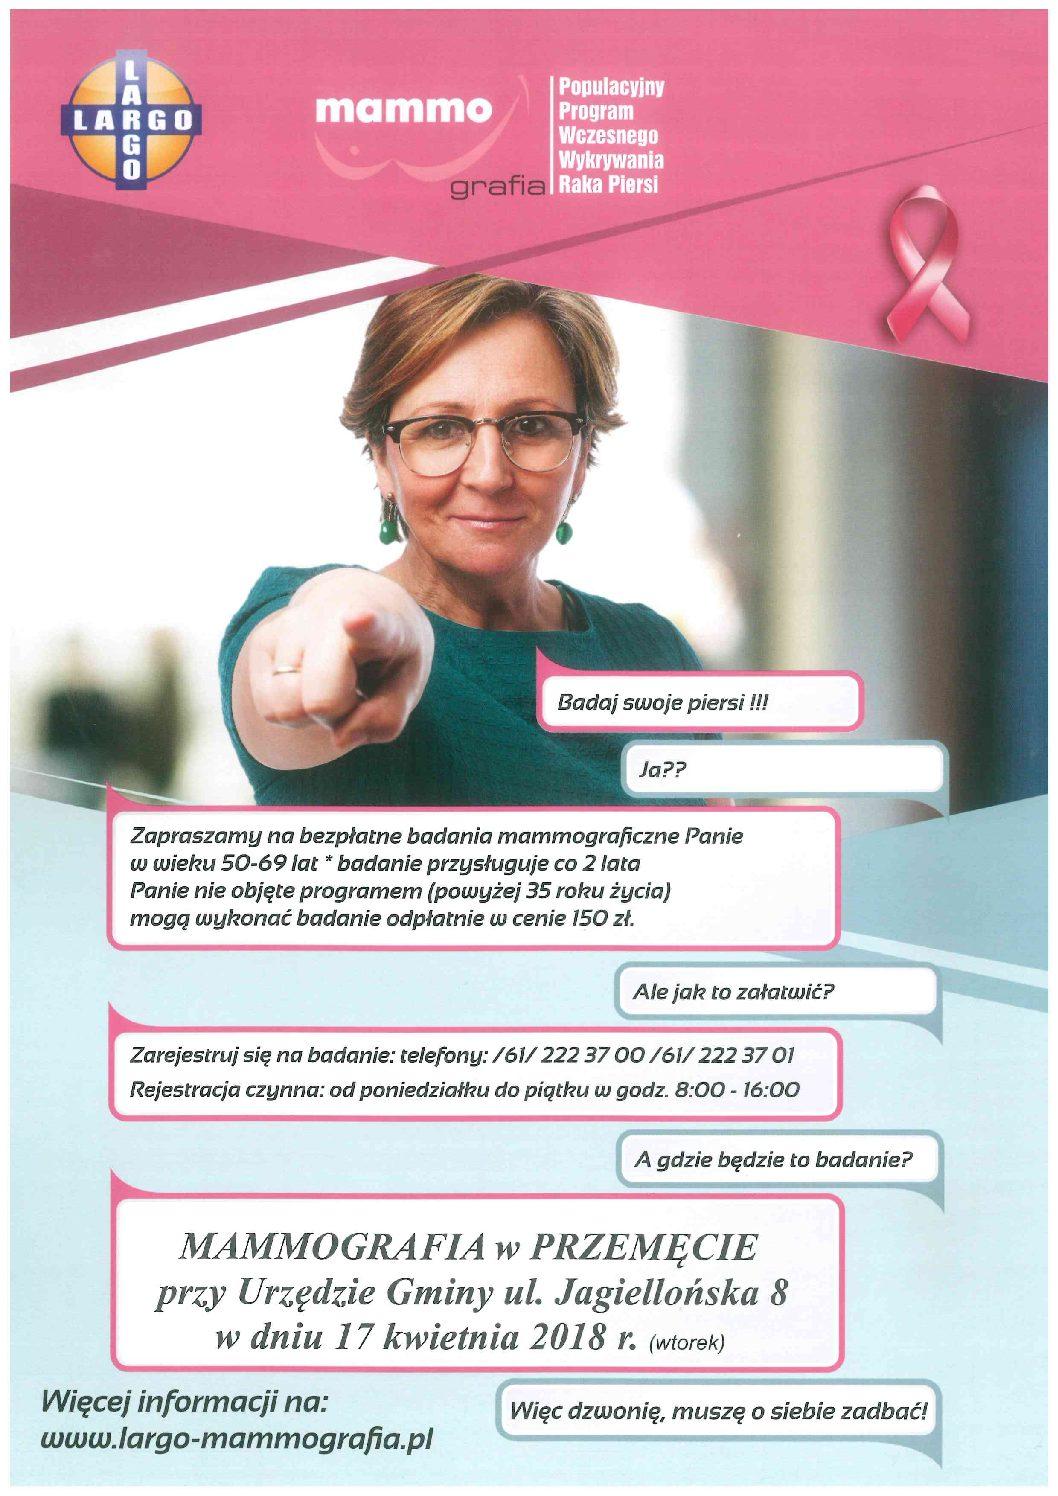 Mammografia w Przemęcie